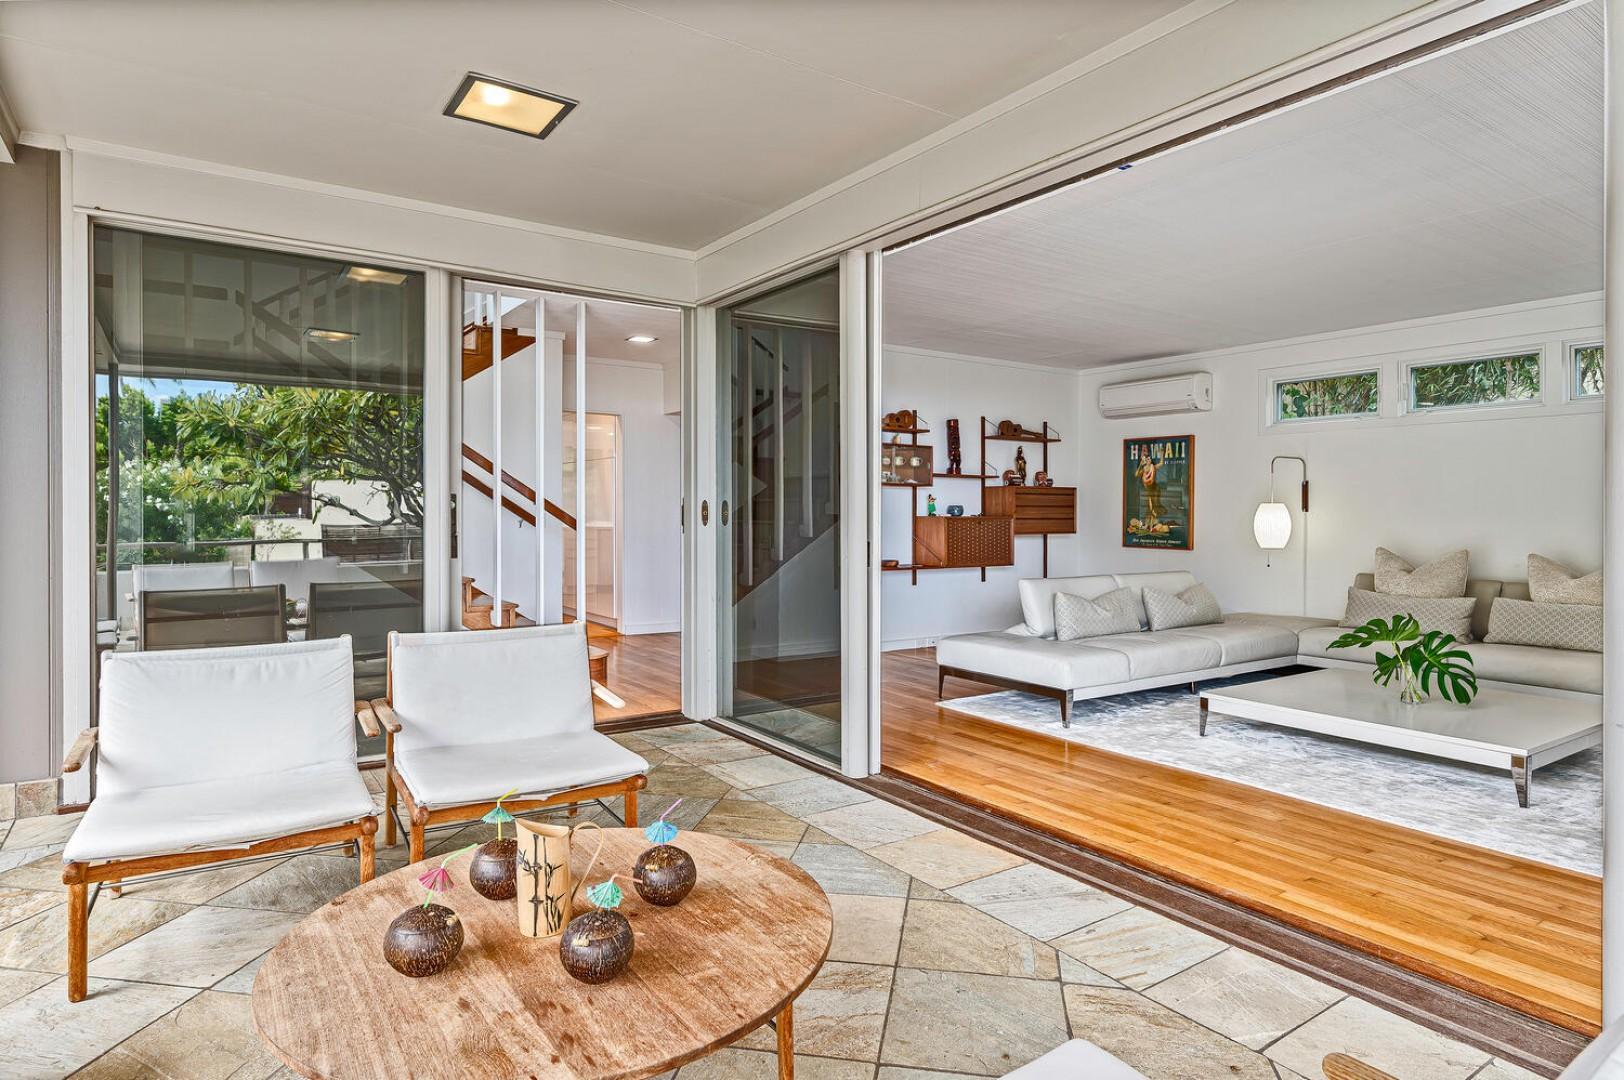 Indoor outdoor living, large sliding glass doors